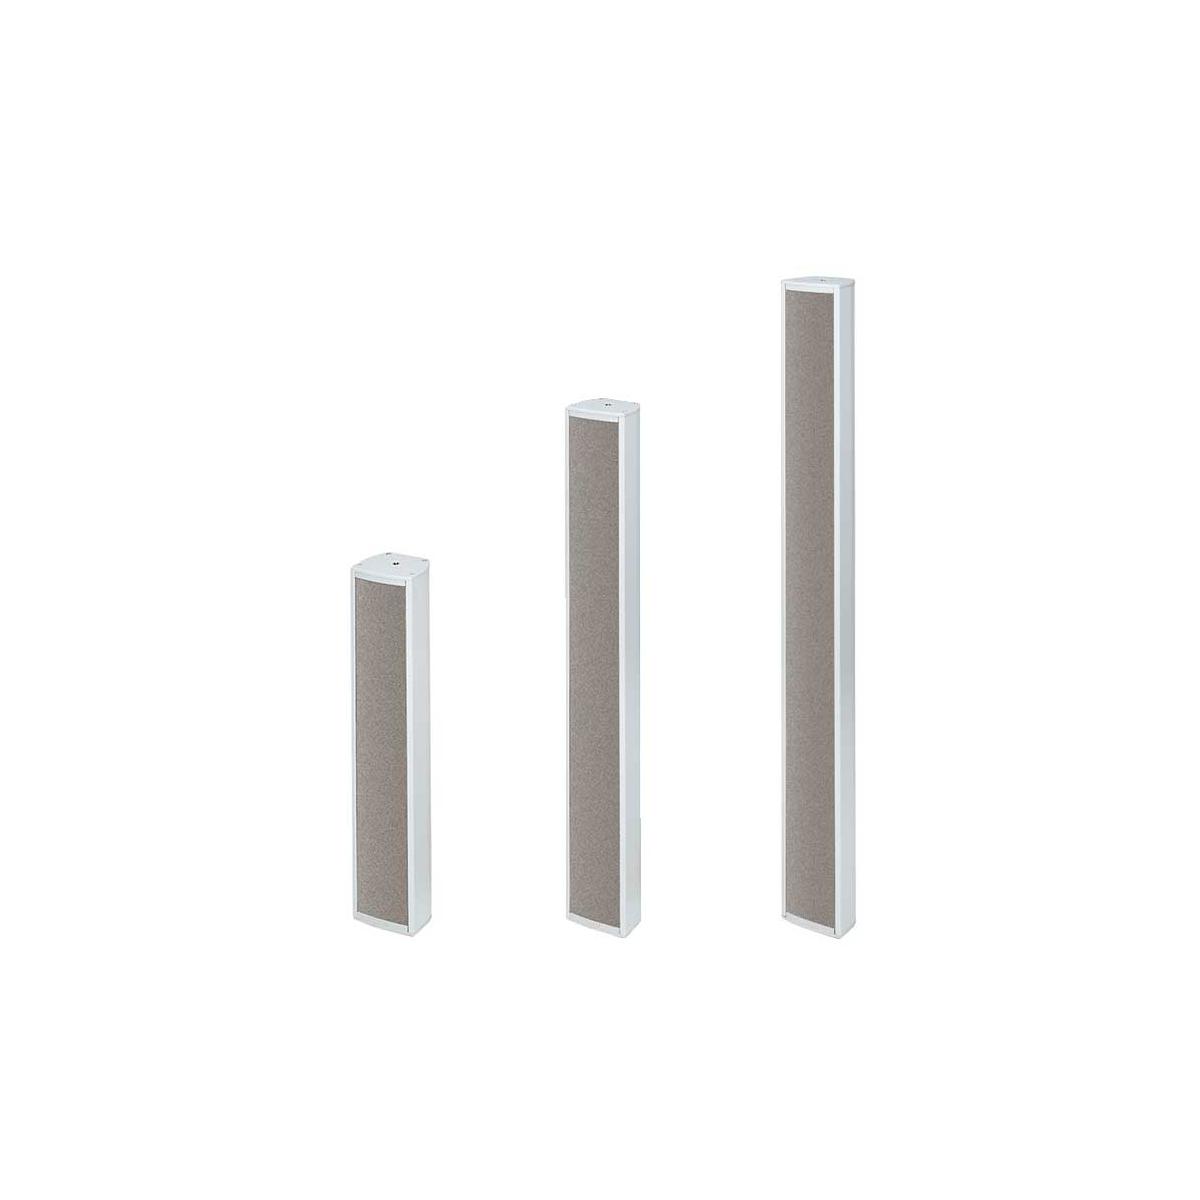 Coluna de 30W ajustável cinza com 4 altifalantes